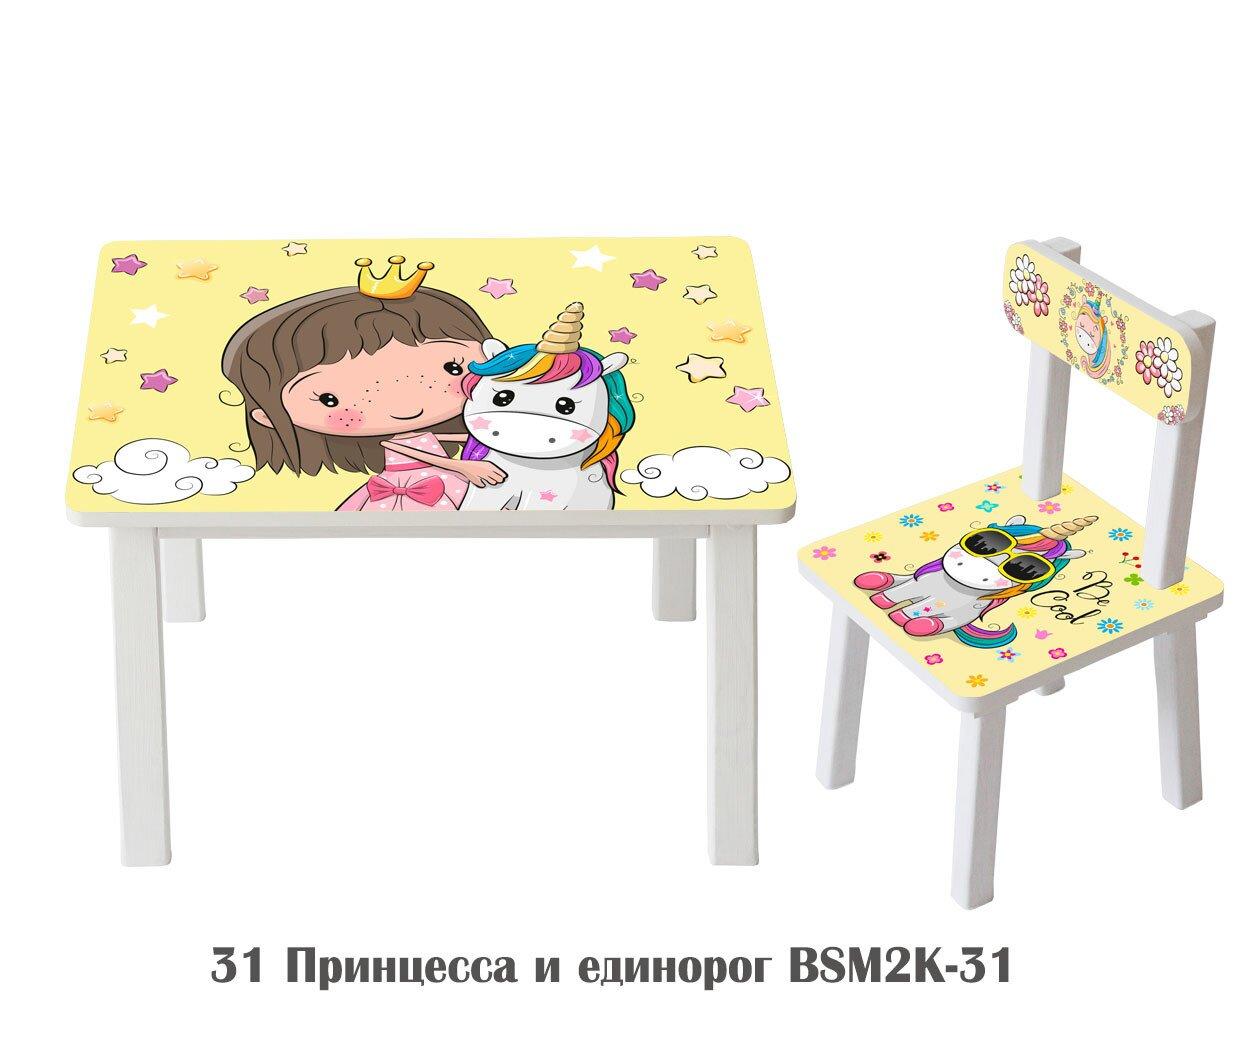 """Комплект стол и стул детский """"Принцесса с единорогом ..."""